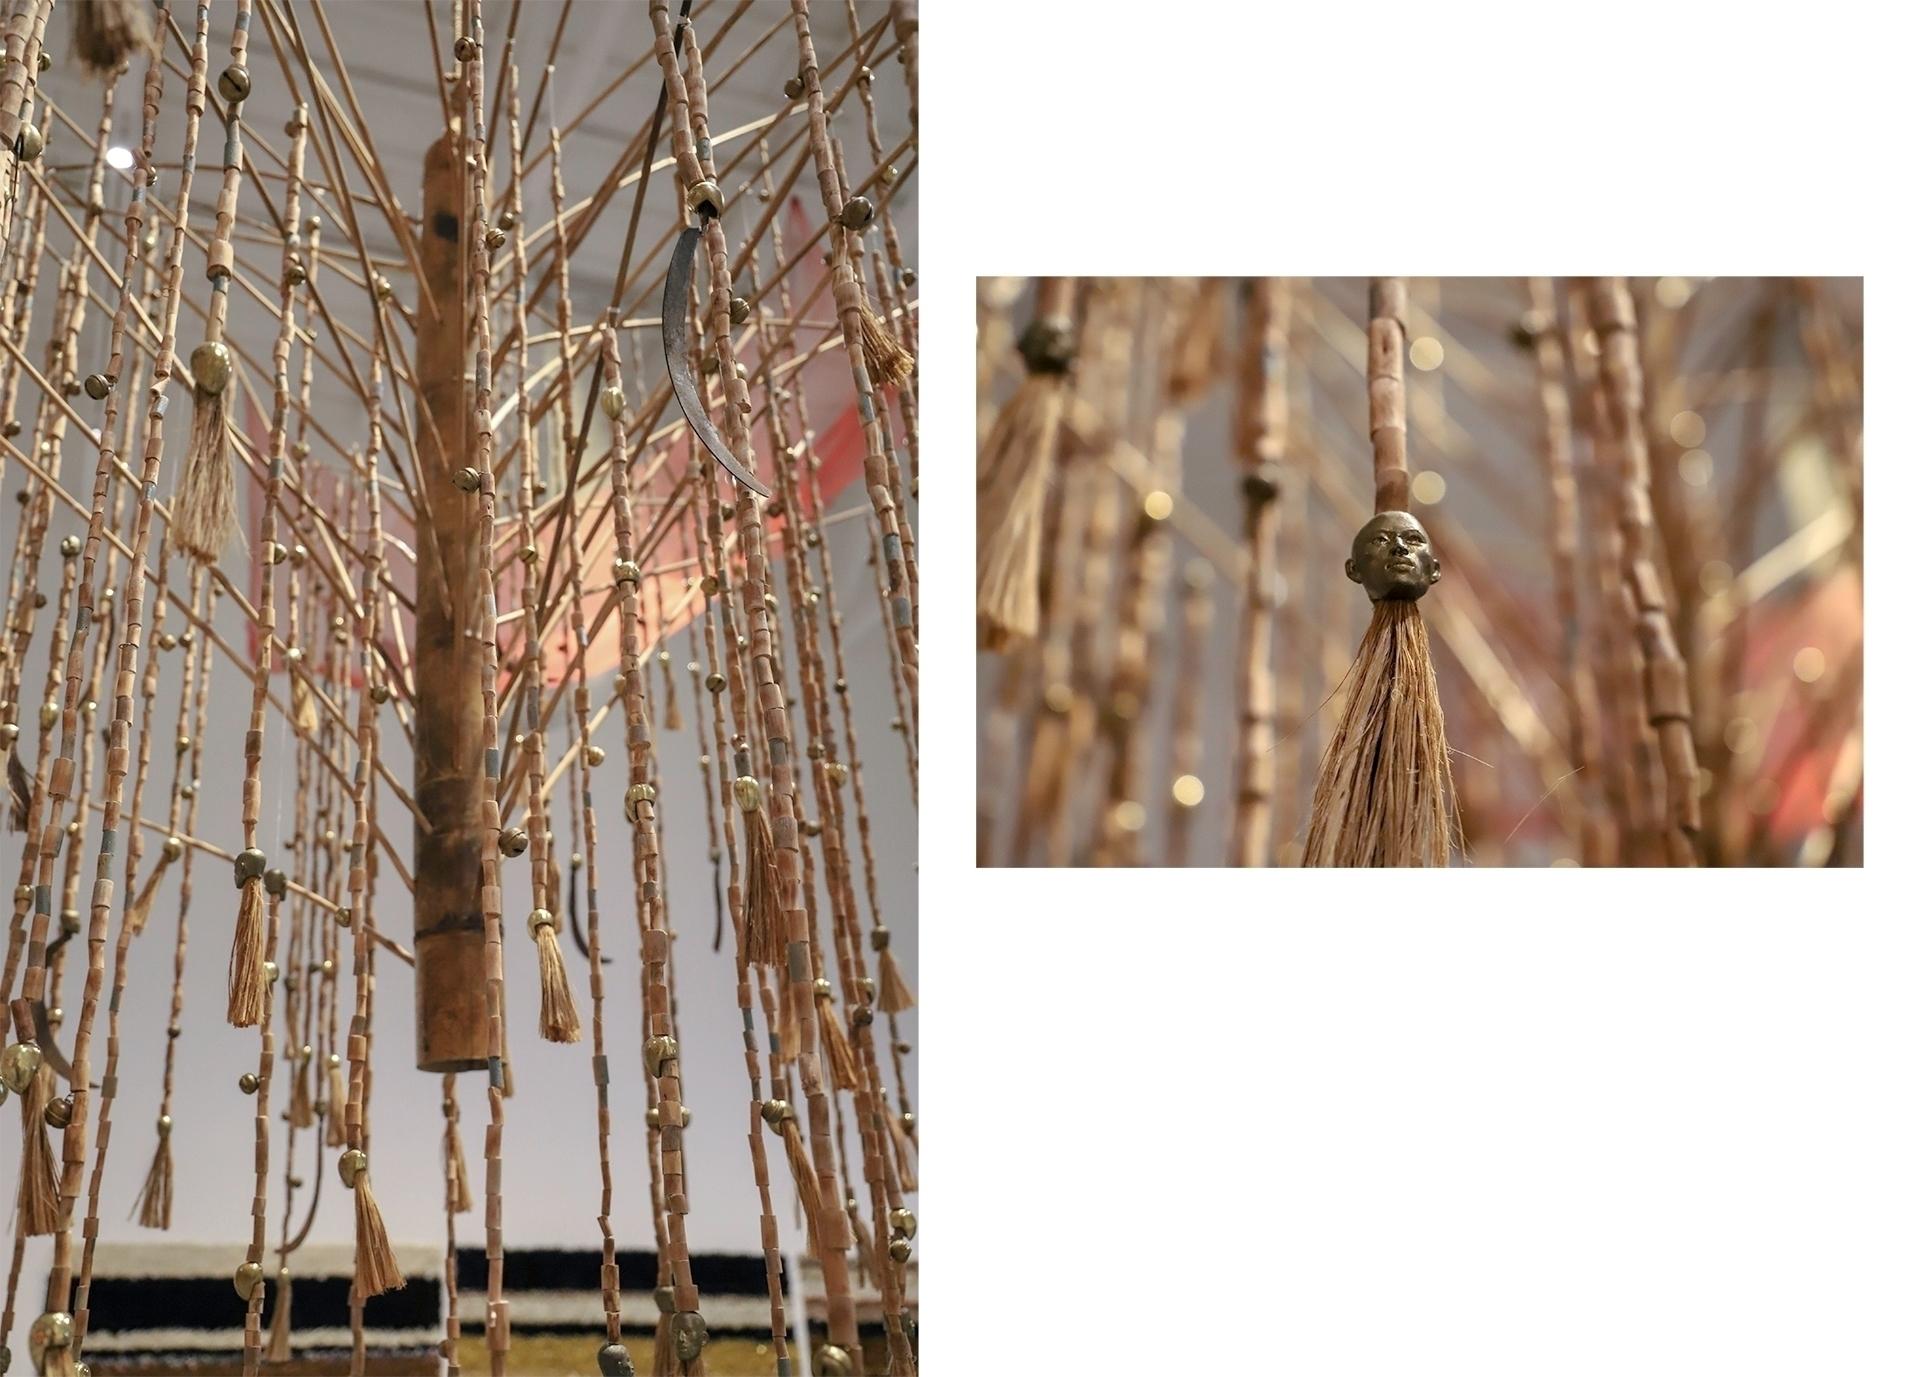 Obraz przedstawia dwa zdjęcia rzeźby wykonanej z patyków. Na drugim zdjęciu widzimy zbliżenie na rzeźbę twarzy.